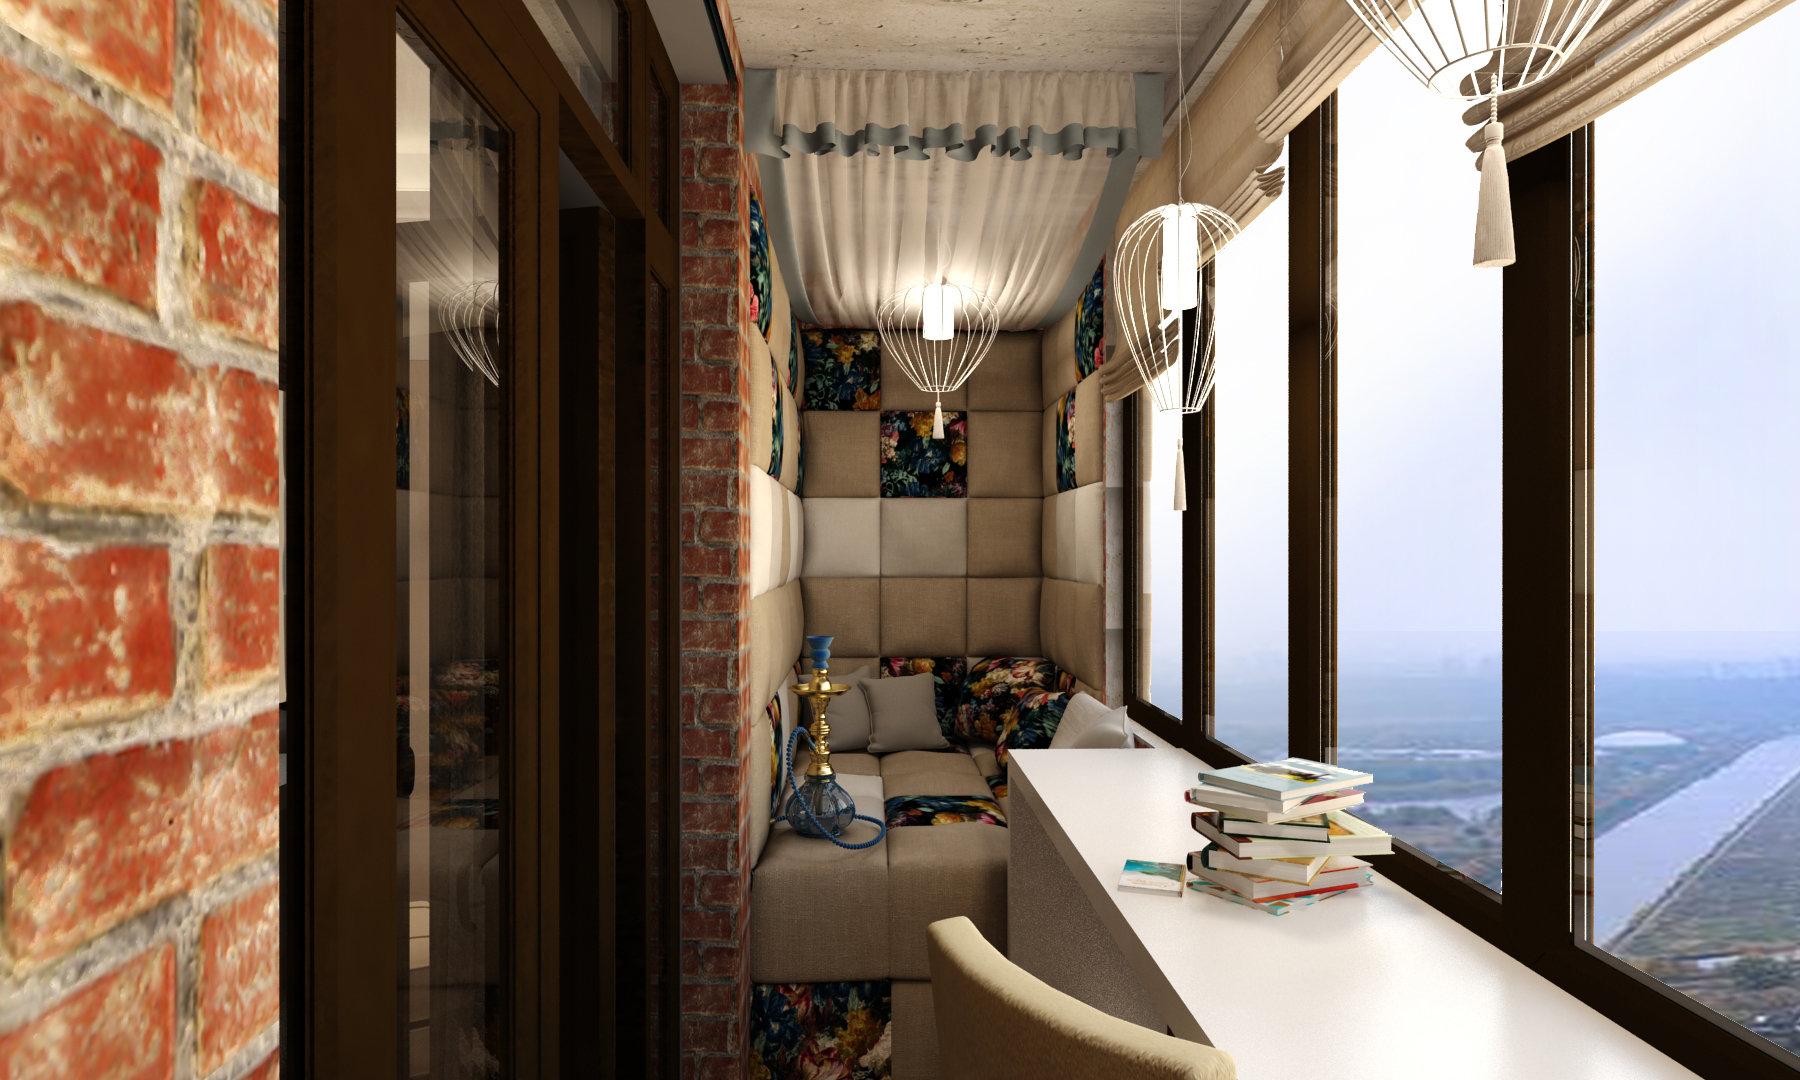 Балкон - как лаунж-зона в волгограде и волжском. заказывайте.